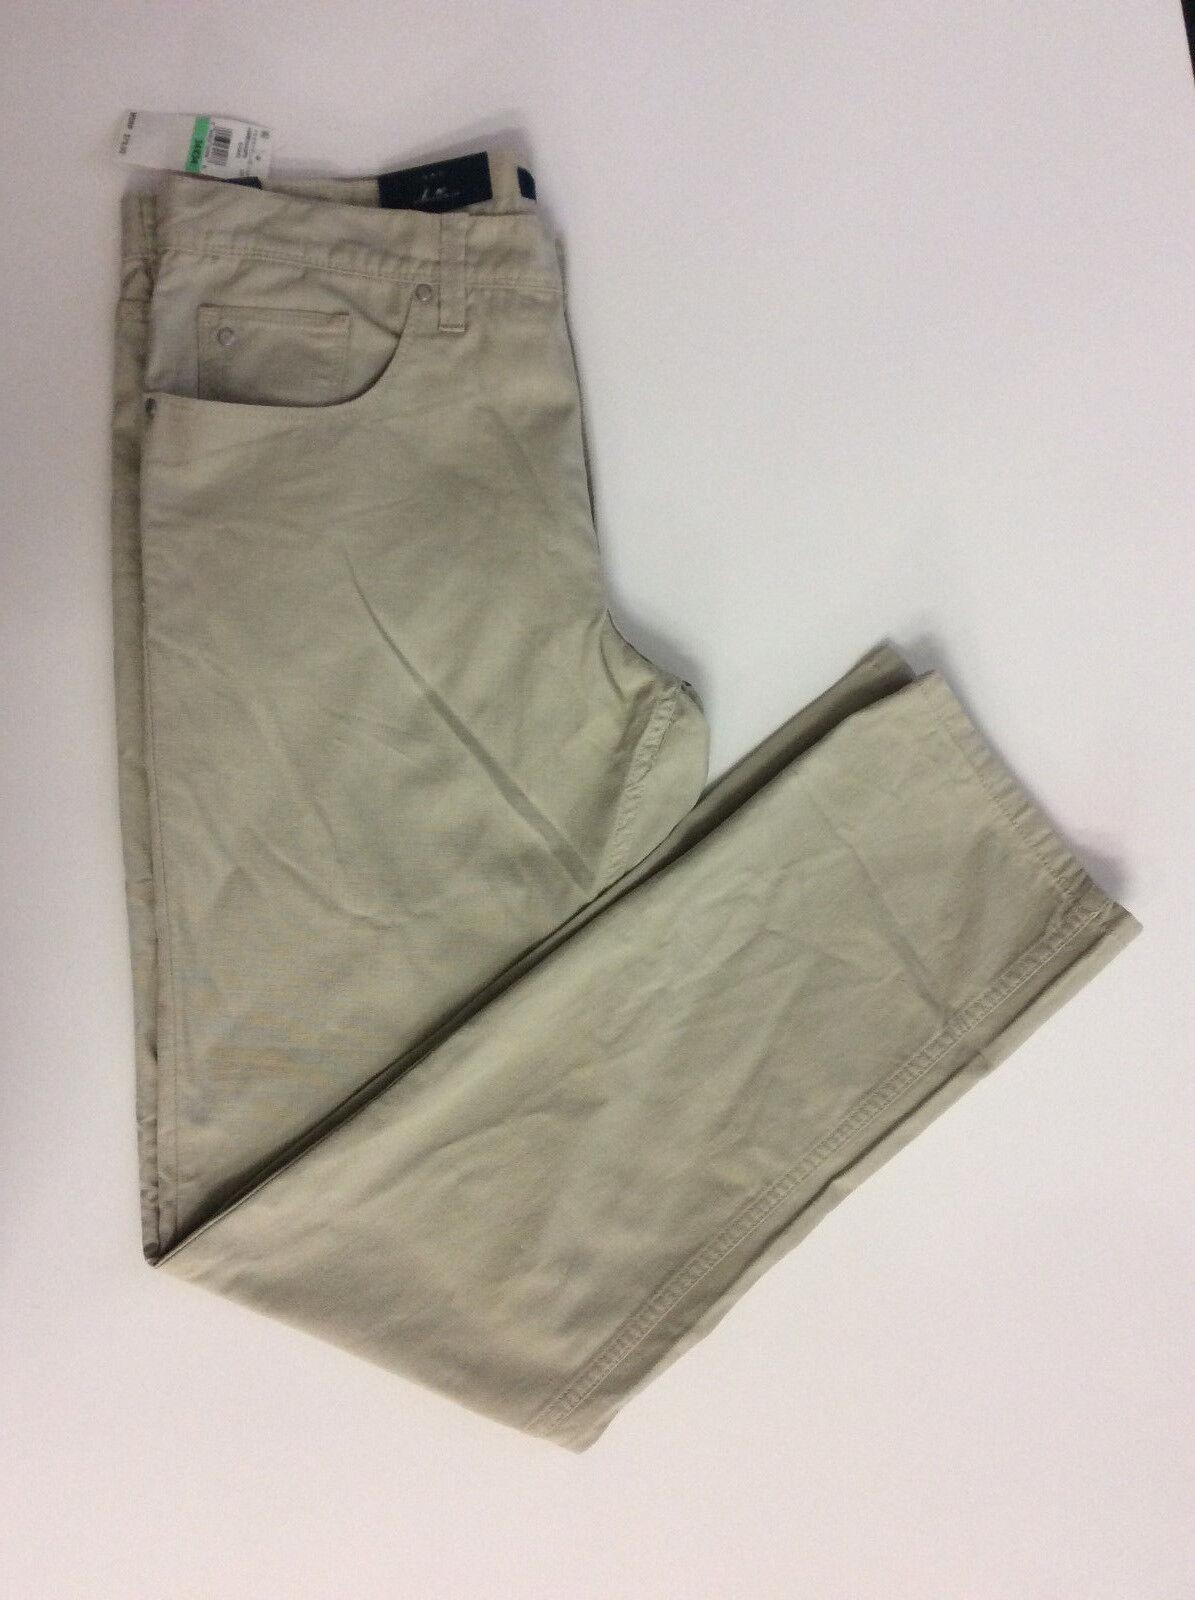 Perry Ellis Men's Slim Fit Piece Dyed Flat Front Pants,Khaki, Size  34x34